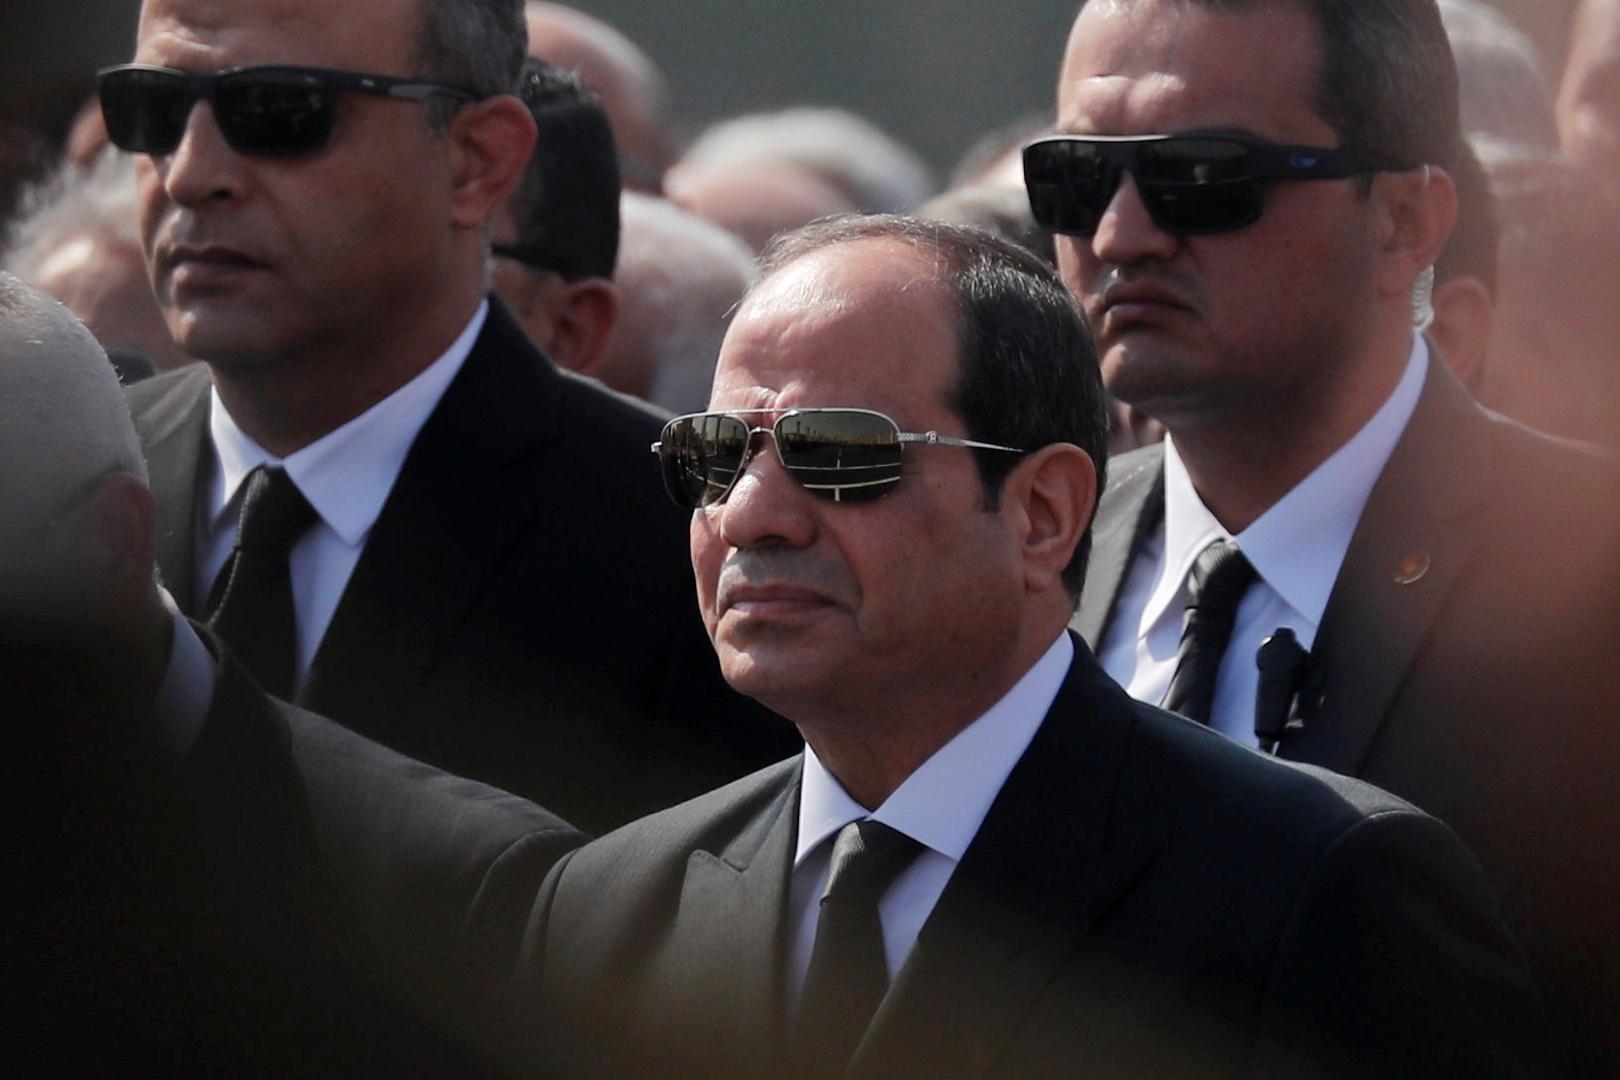 مصر.. السيسي يوجه رسائل للمصريين بشأن الانتفاض من أجل حقوقهم